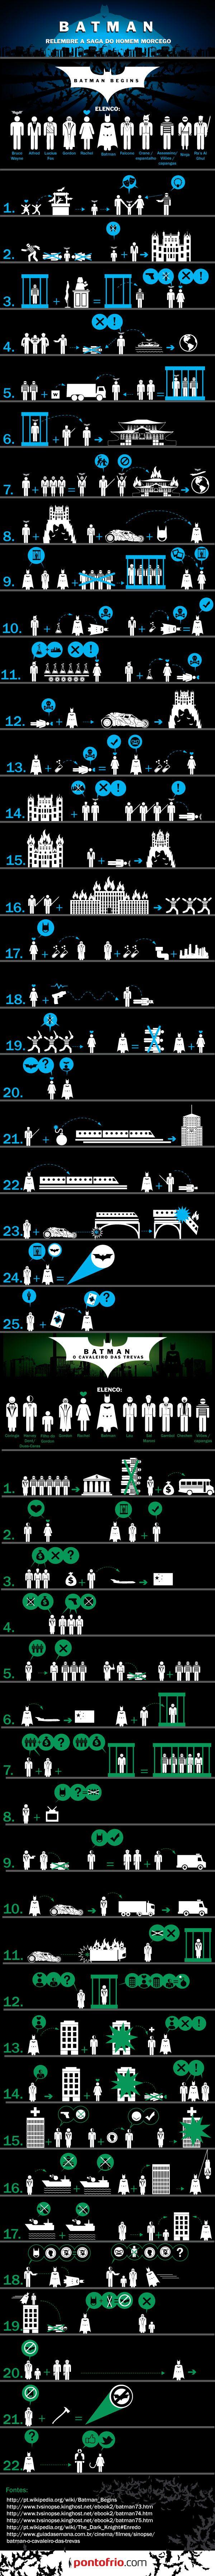 Infográfico Batman, com a história dos dois filmes. Muito show.